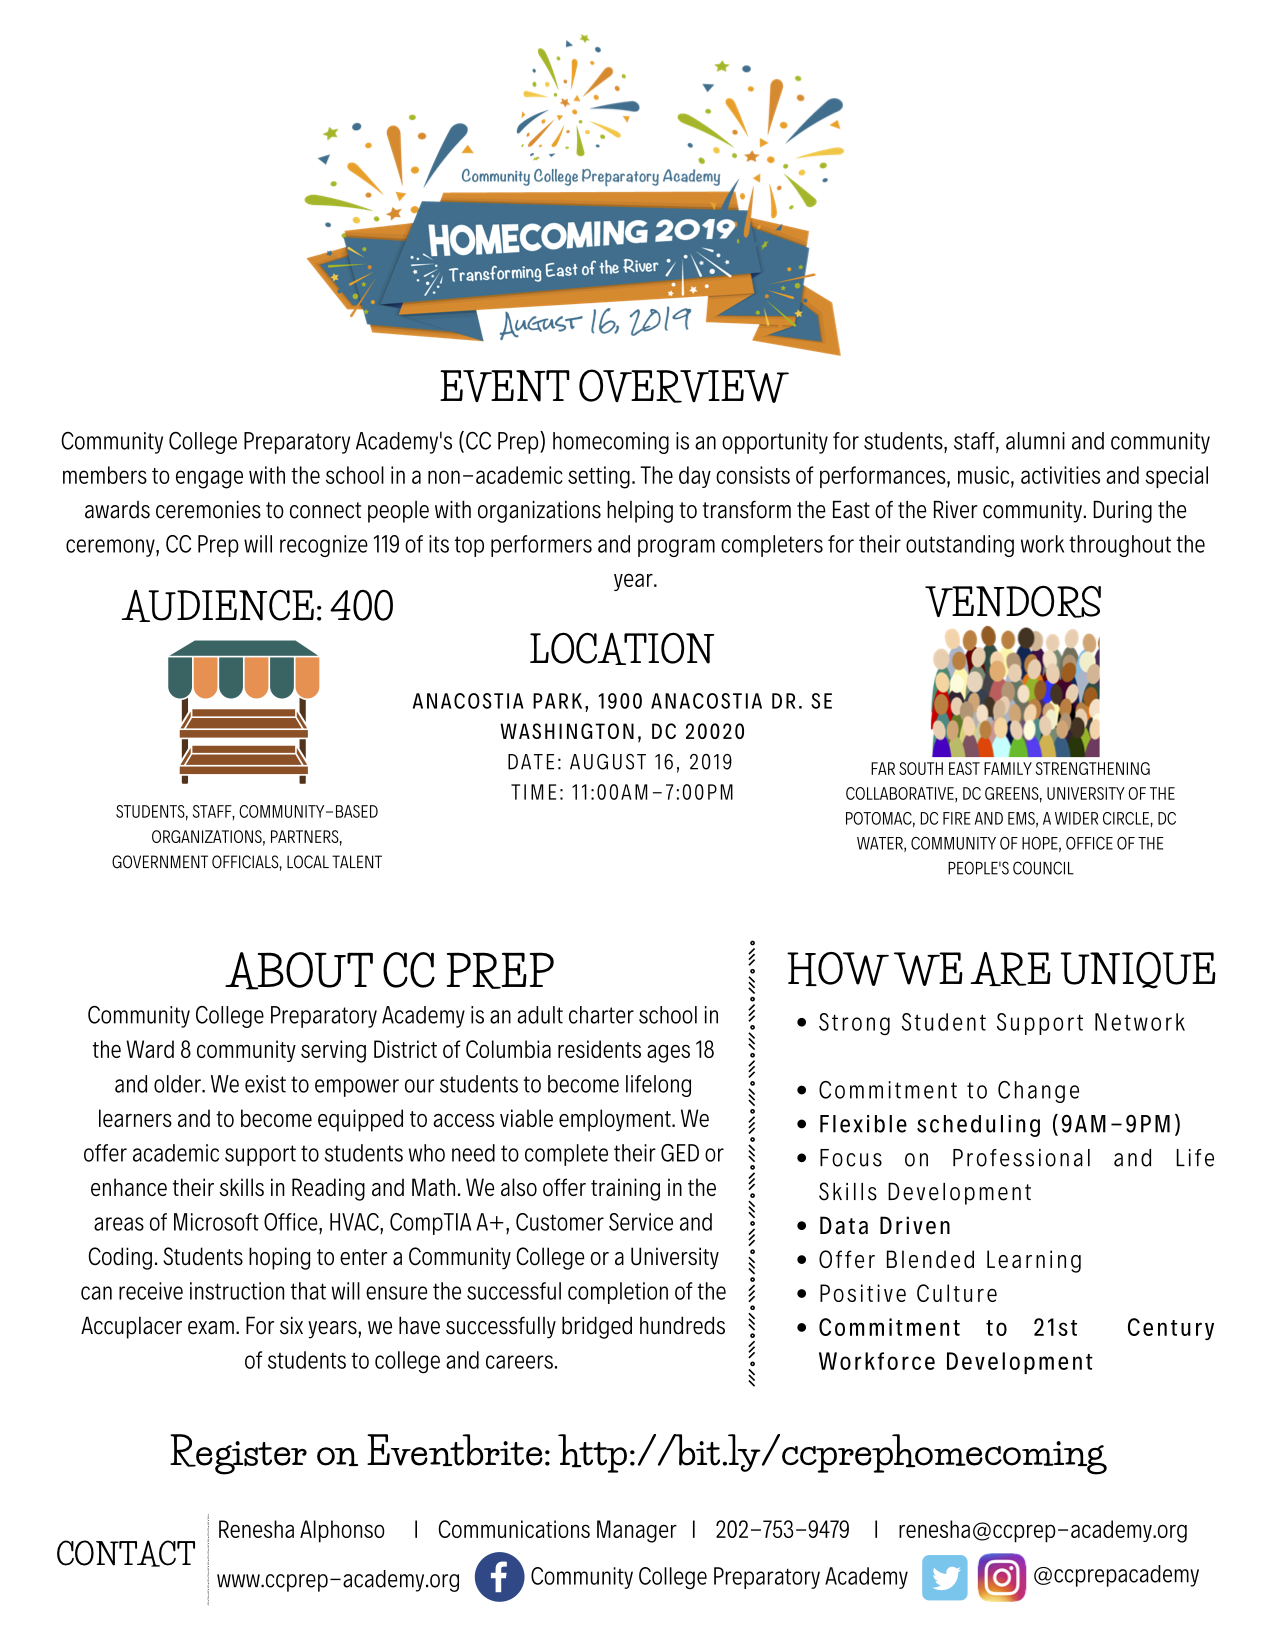 CC Prep Homecoming Fact Sheet.png